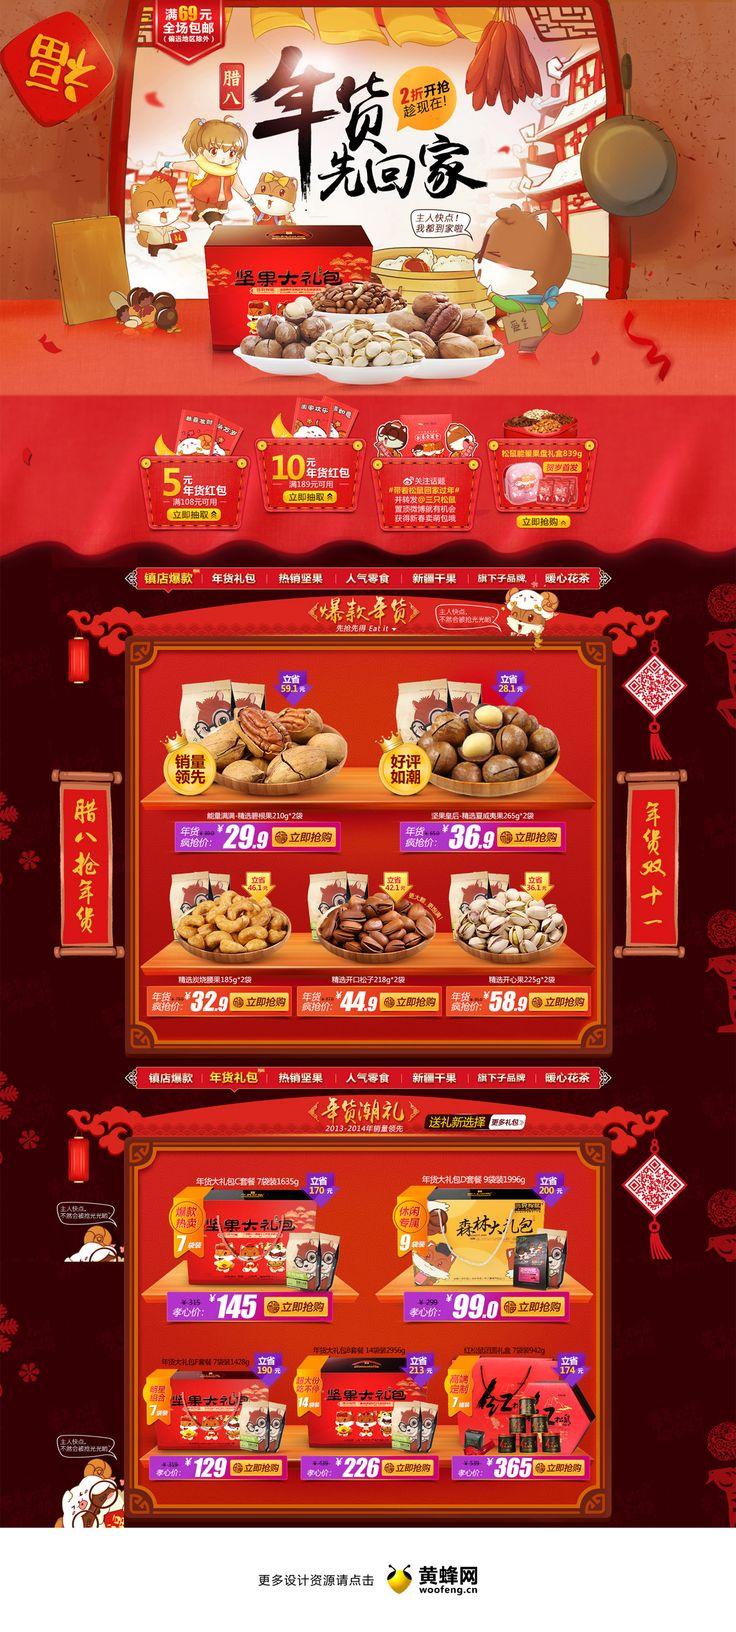 三只松鼠新年活动店铺首页设计,来源自黄蜂网http://woofeng.cn/